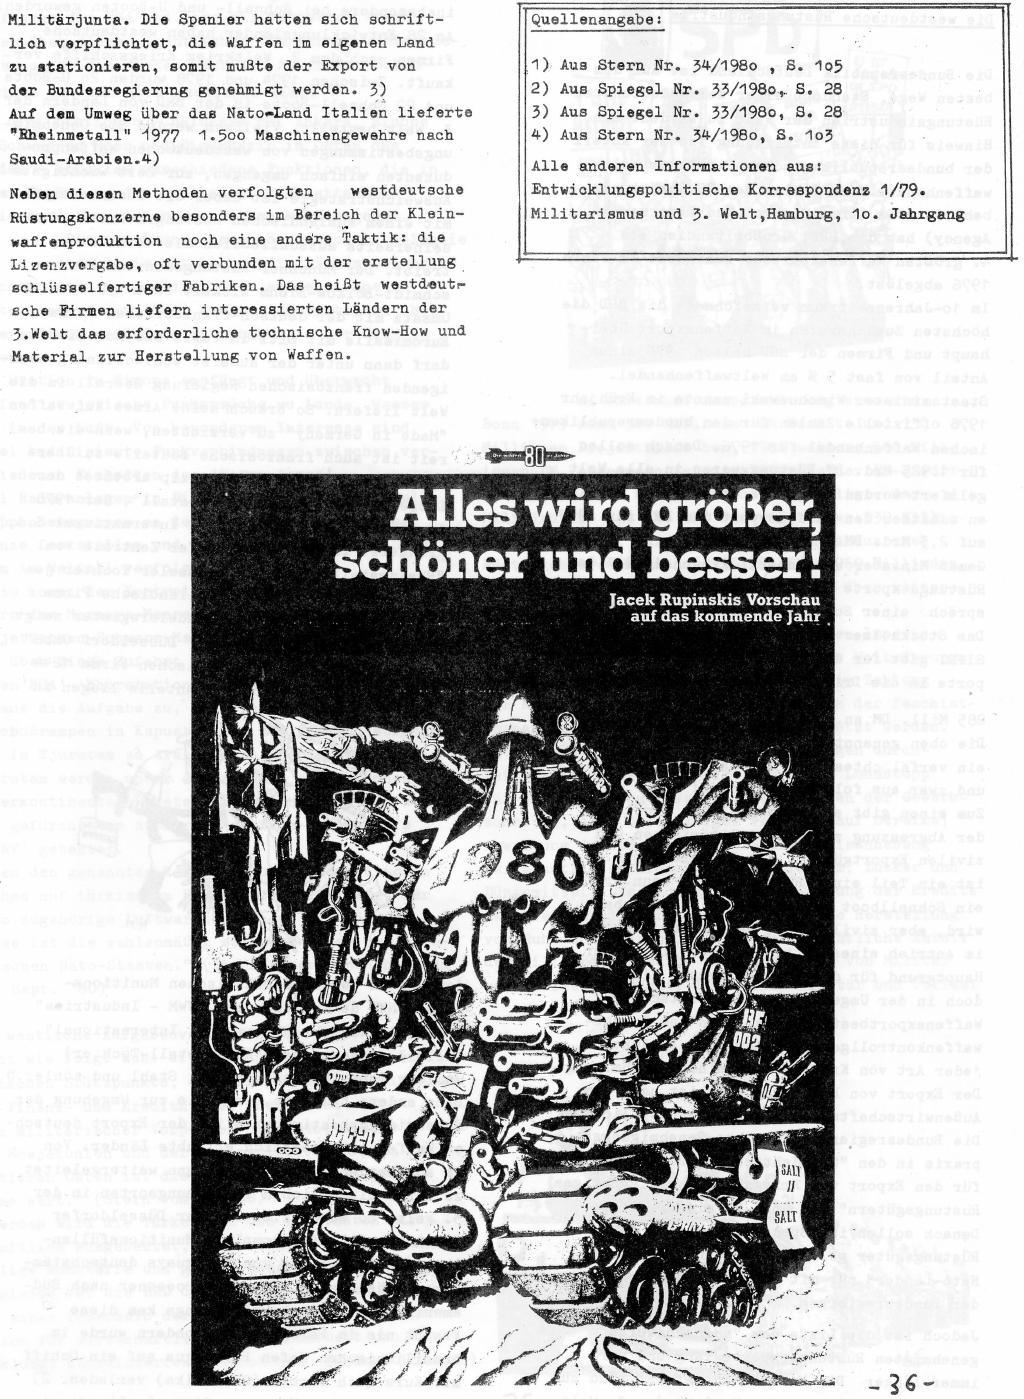 Bremen_1980_NATO_Broschuere_36